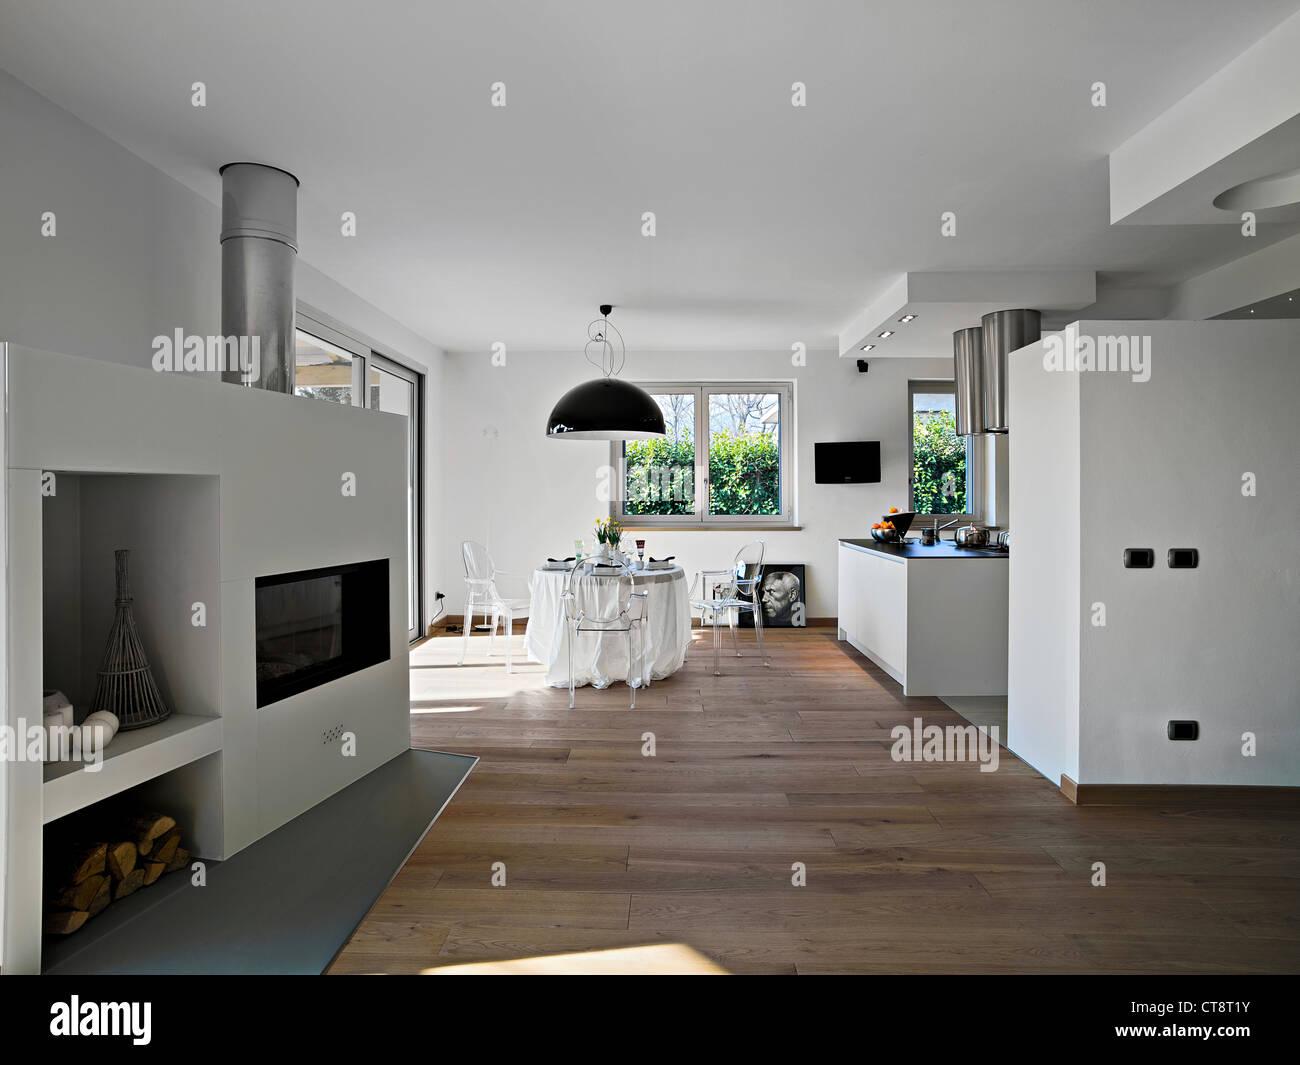 Salle à manger moderne avec cheminée et vue sur la cuisine Photo Stock